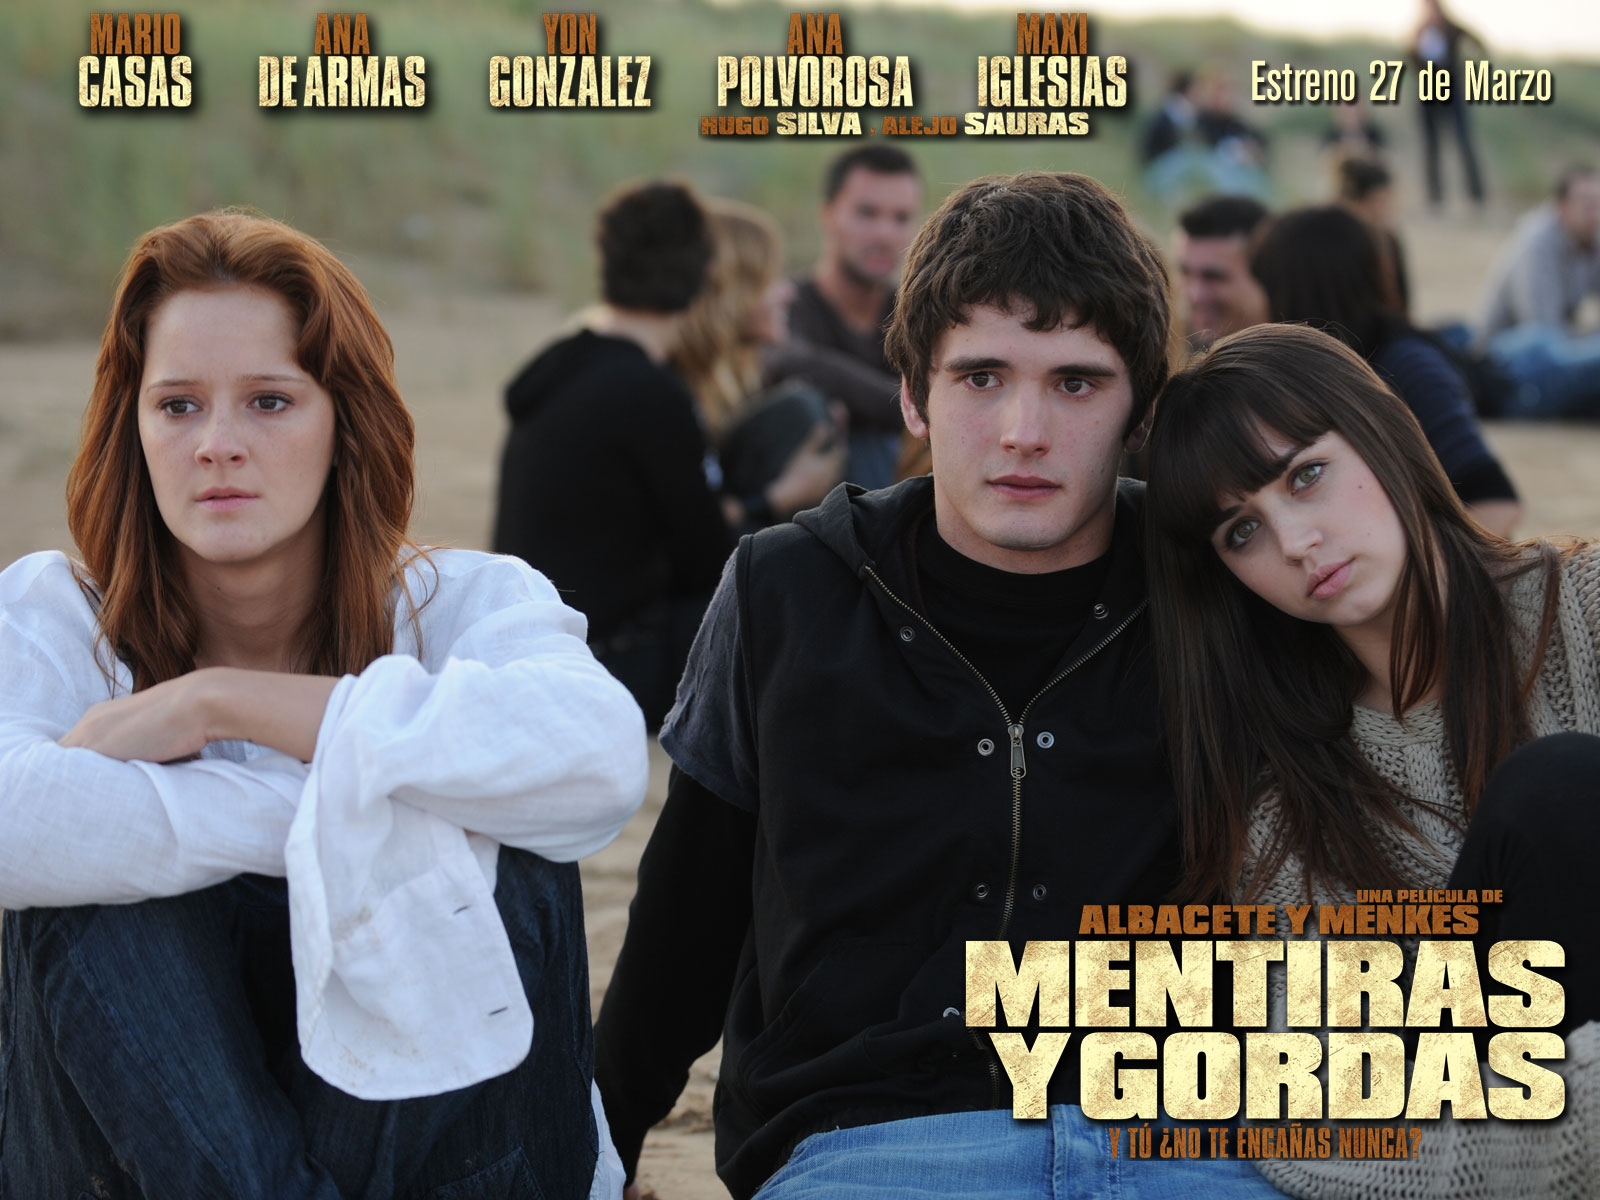 Скачать Секс, вечеринки и ложь, Mentiras y gordas, фильм, кино, фото